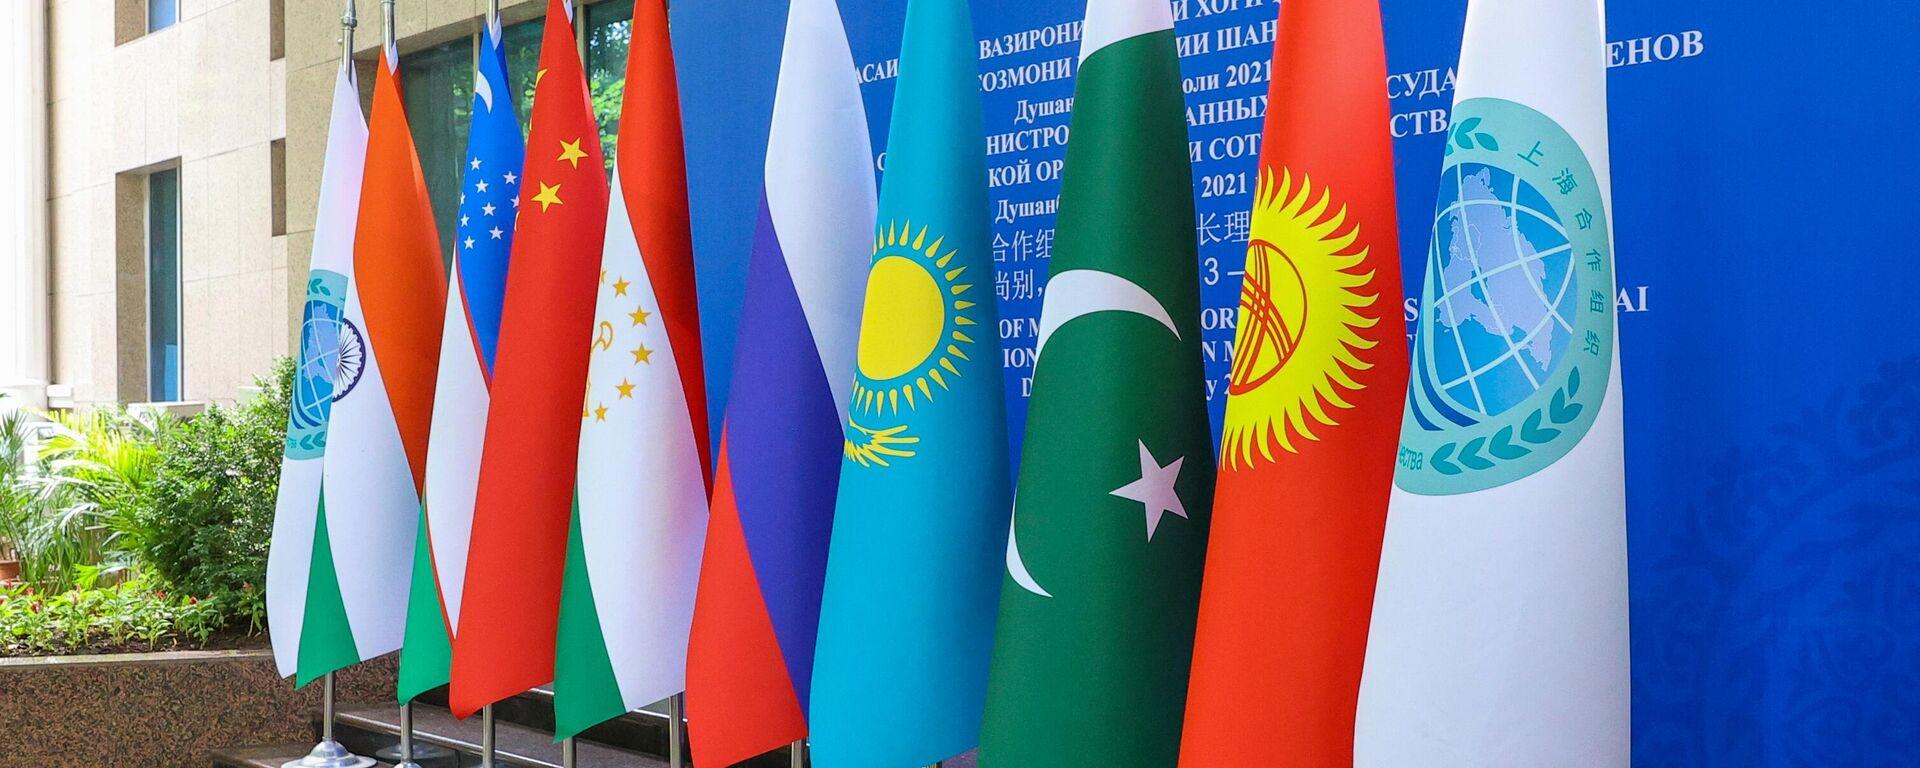 Live: 21-y sammit SHOS v Dushanbe - Sputnik Oʻzbekiston, 1920, 17.09.2021